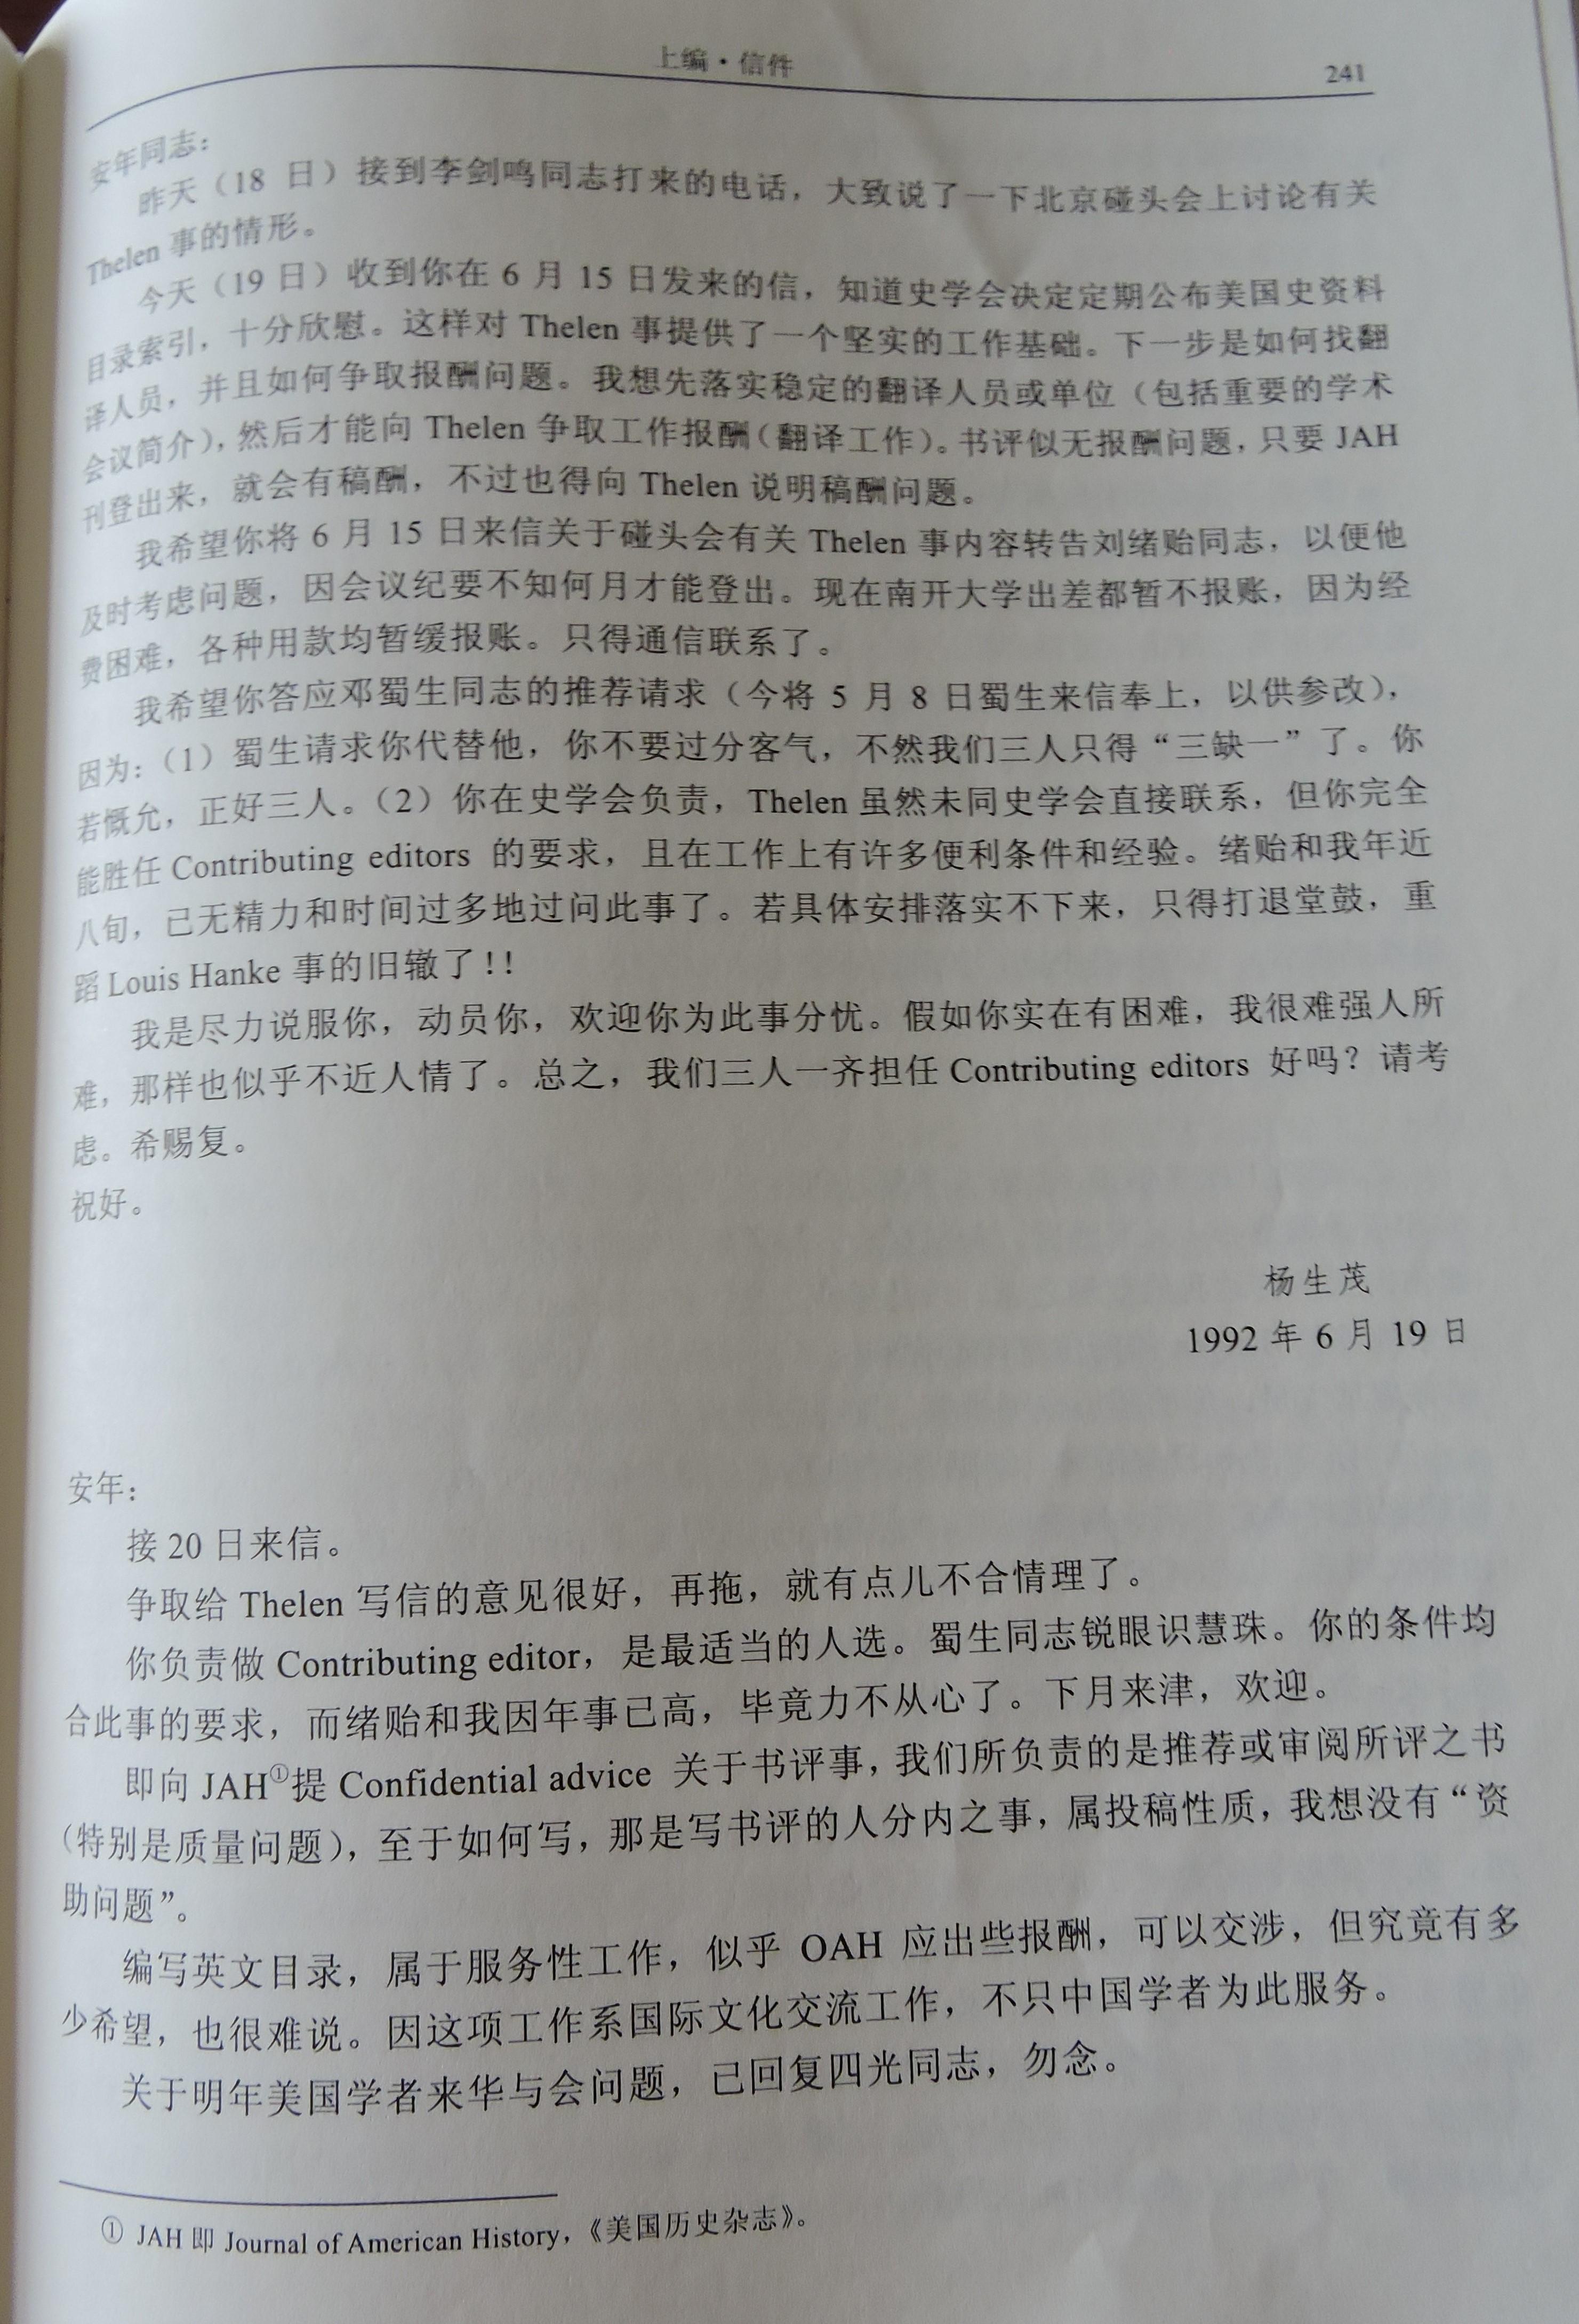 6 DSCN8577.jpg